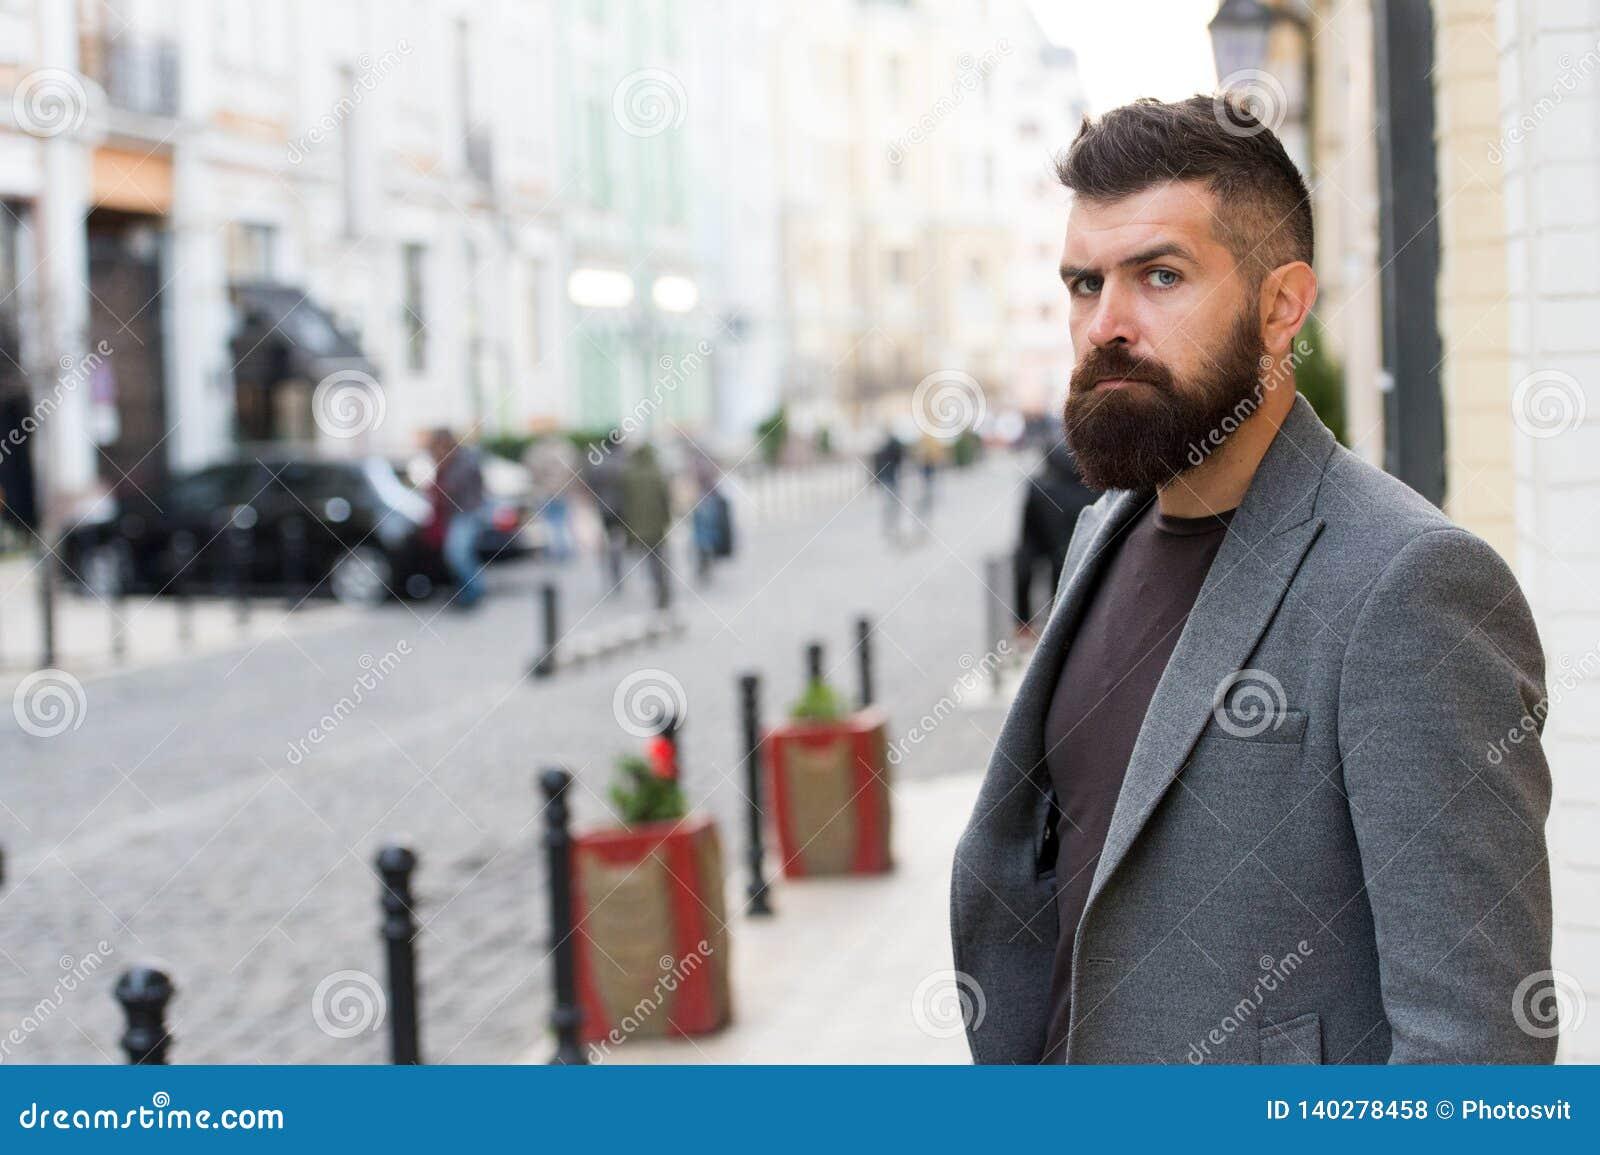 Профессионал дела Хипстер в стиле дела на улице Бородатый человек идя работать Бизнесмен в современном городе